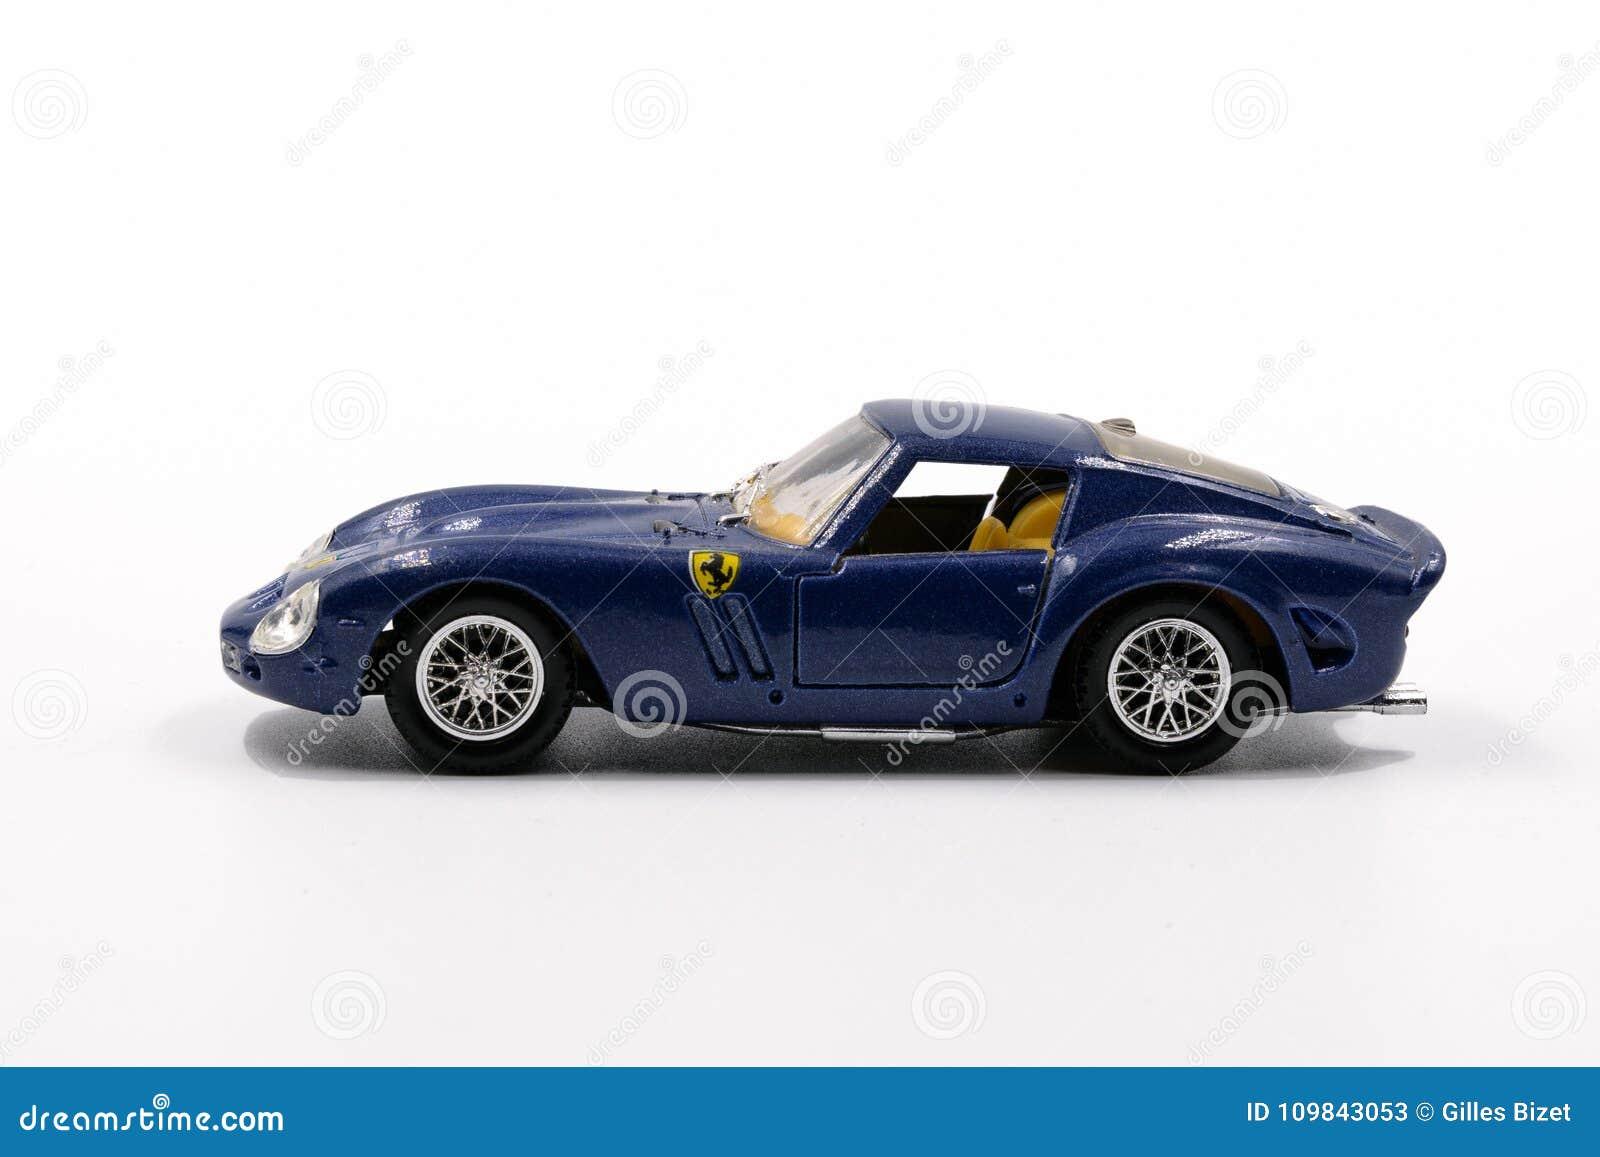 Reducida Solido Foto Escala A Ferrari Modelo De Por 250 Gto 7IbYf6vgy